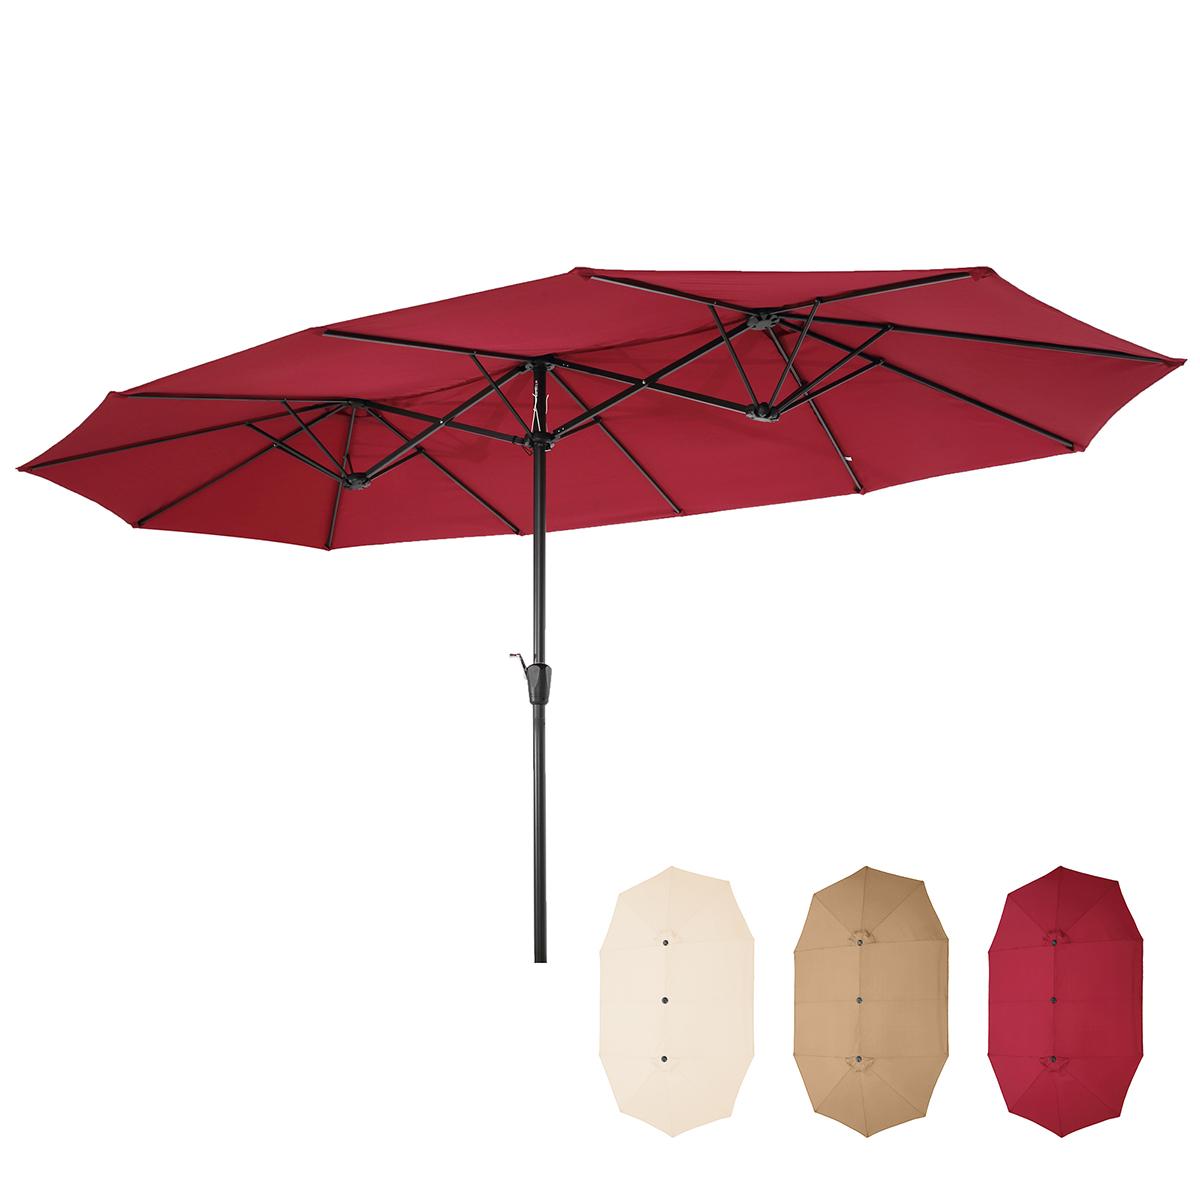 带曲柄的铝制大型双面矩形户外伞